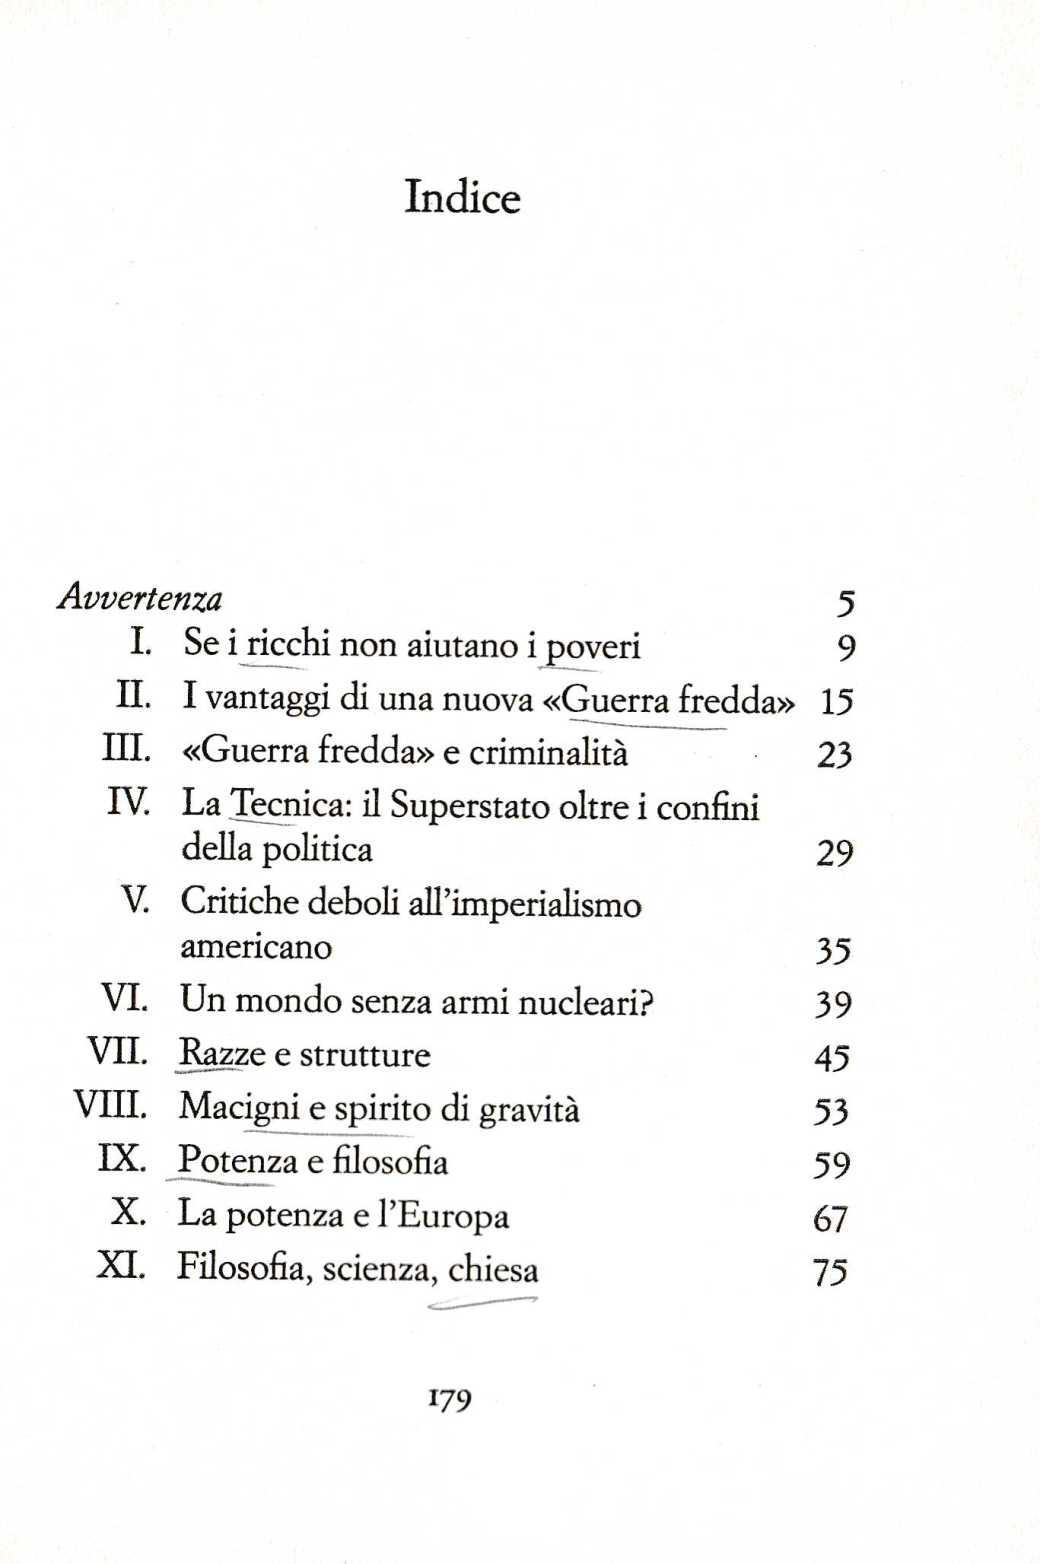 macigni4475